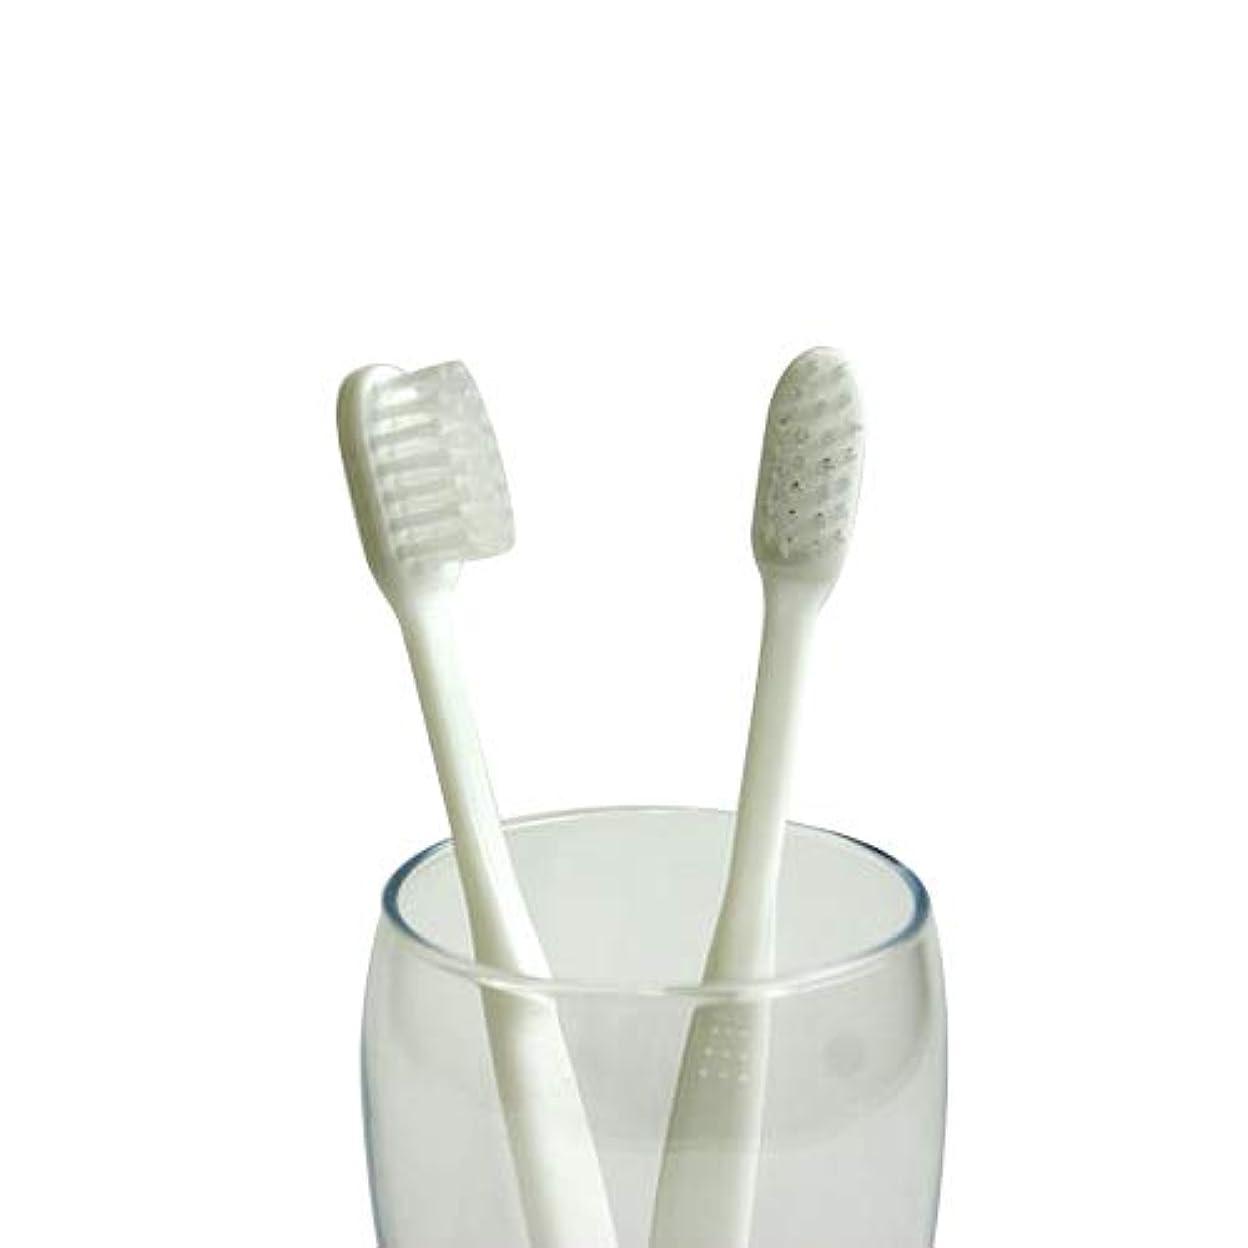 ウェイド気体の巧みな業務用使い捨て歯ブラシ(ハミガキ粉無し) 100本入り│口腔衛生用 清掃用 掃除用 工業用 ハブラシ はぶらし